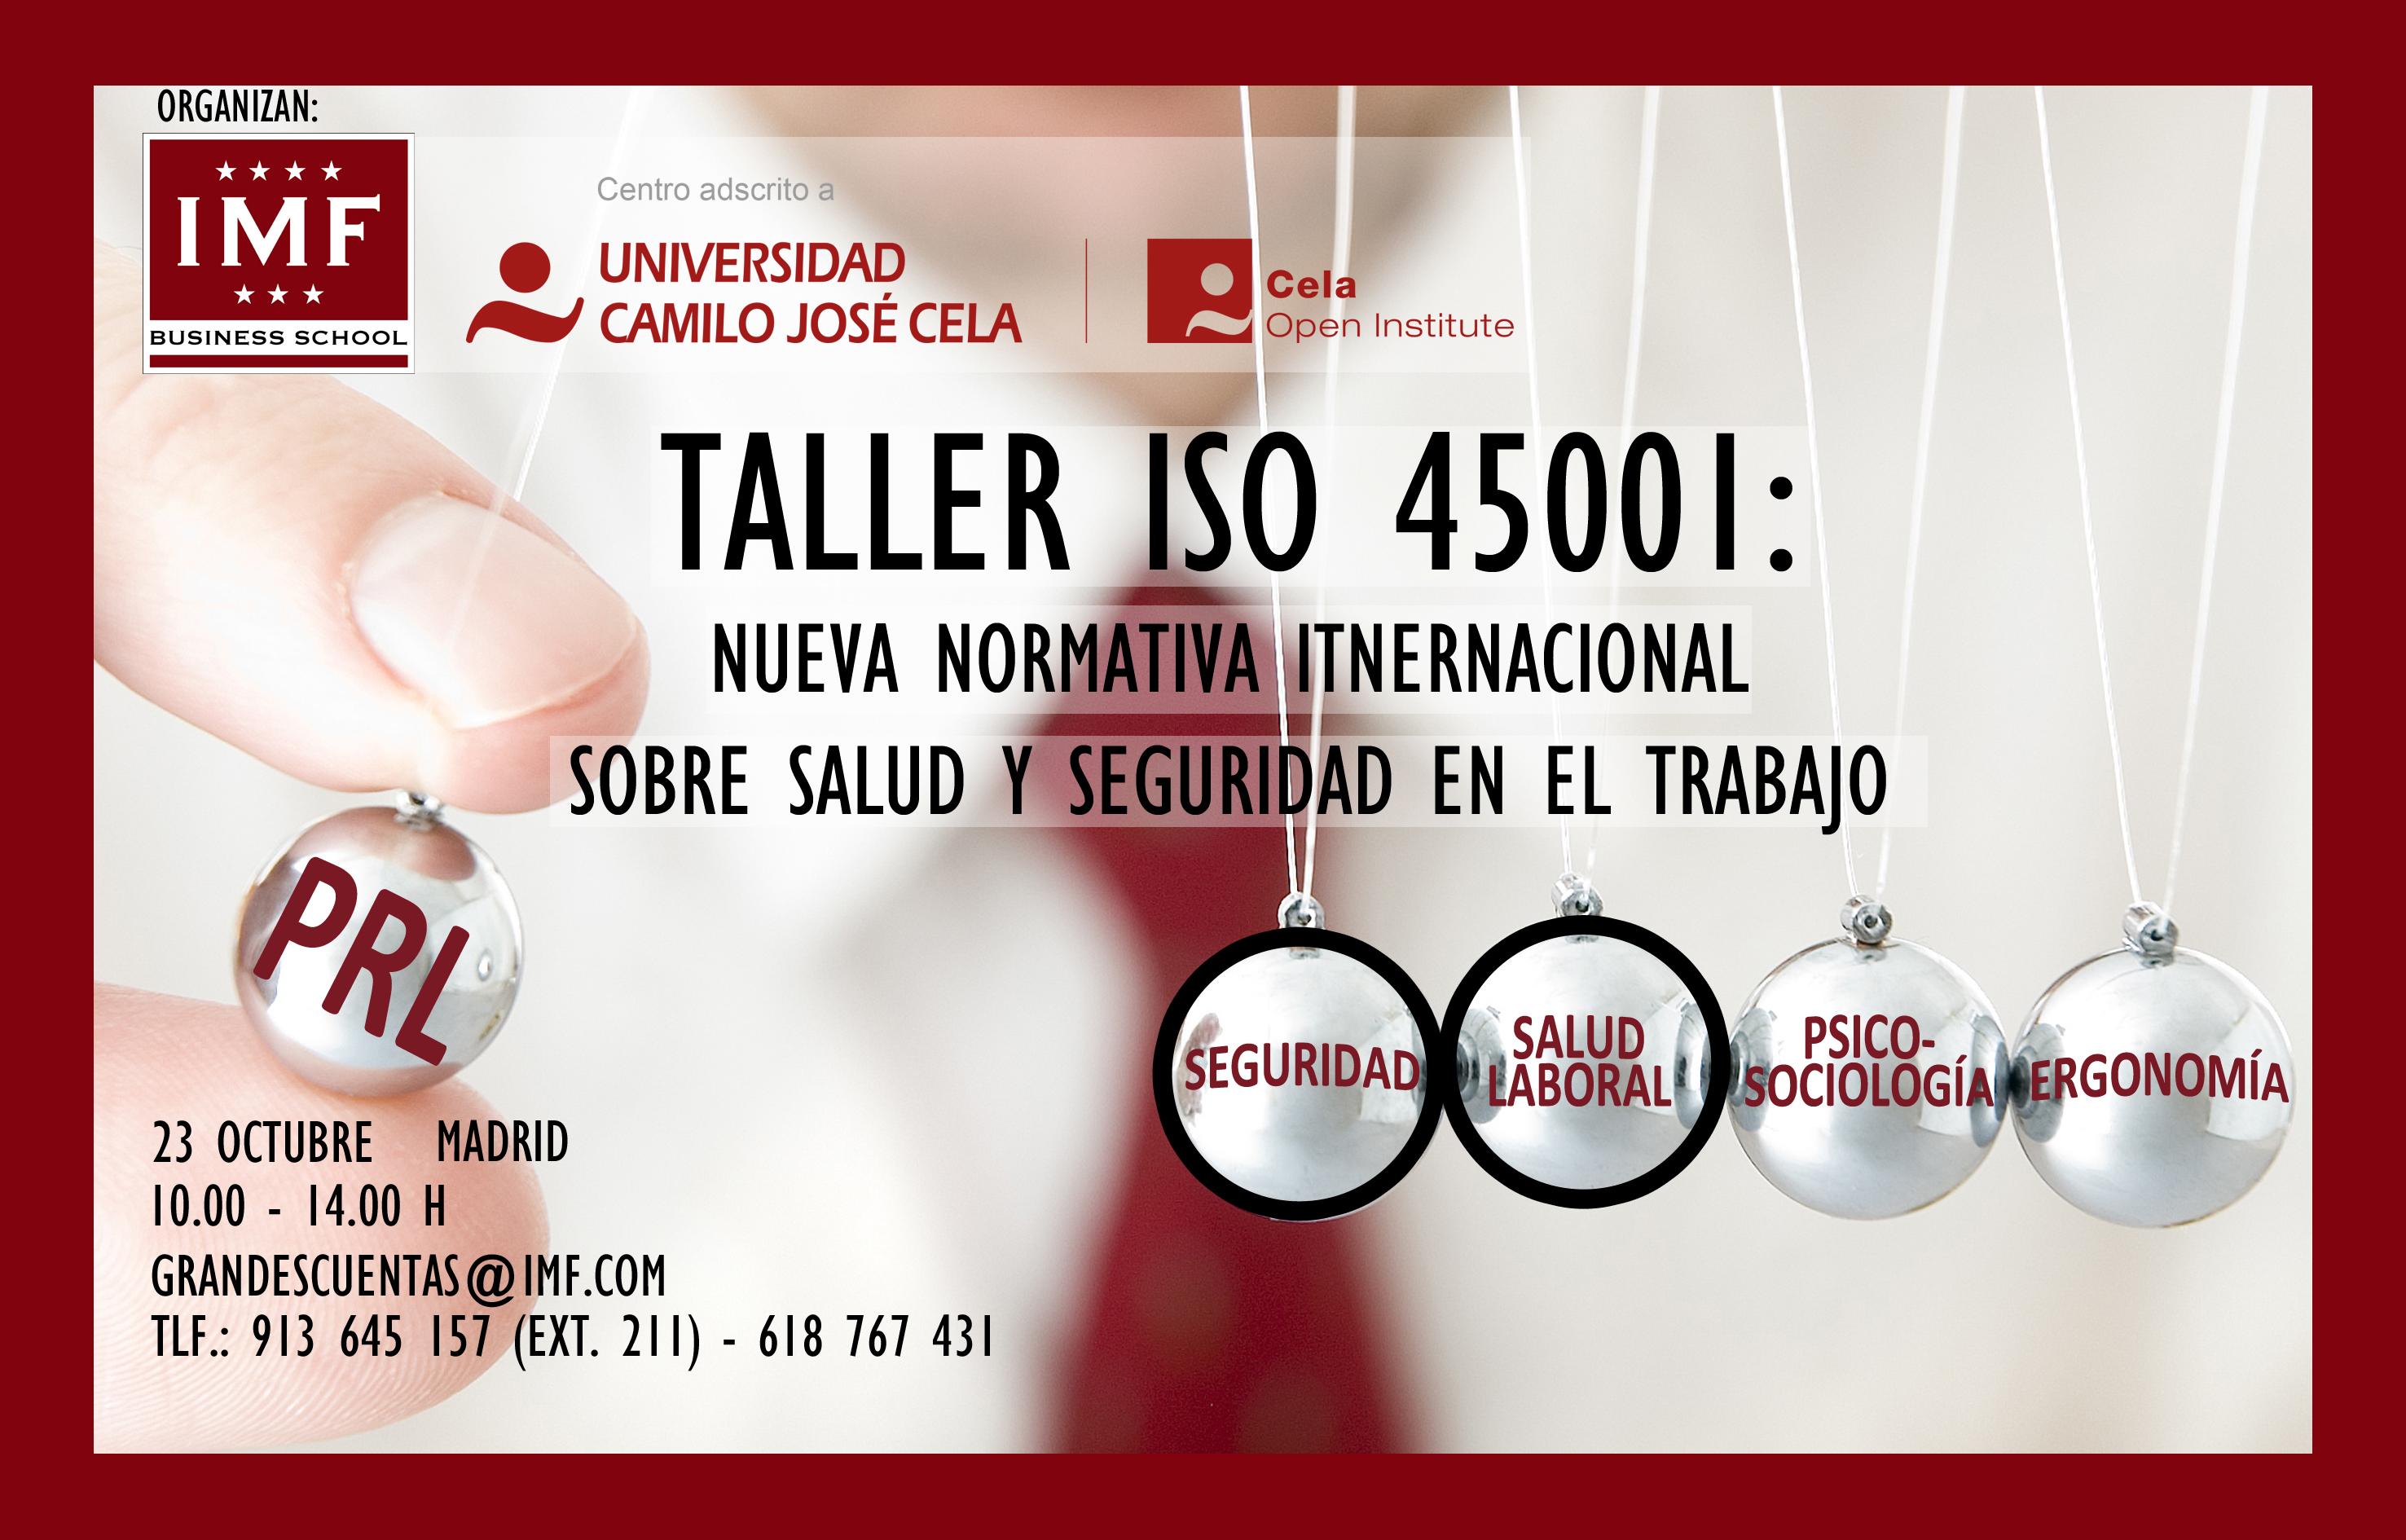 TALLER-ISO-45001_IMF_COI Nueva Norma Internacional para seguridad y salud en el trabajo